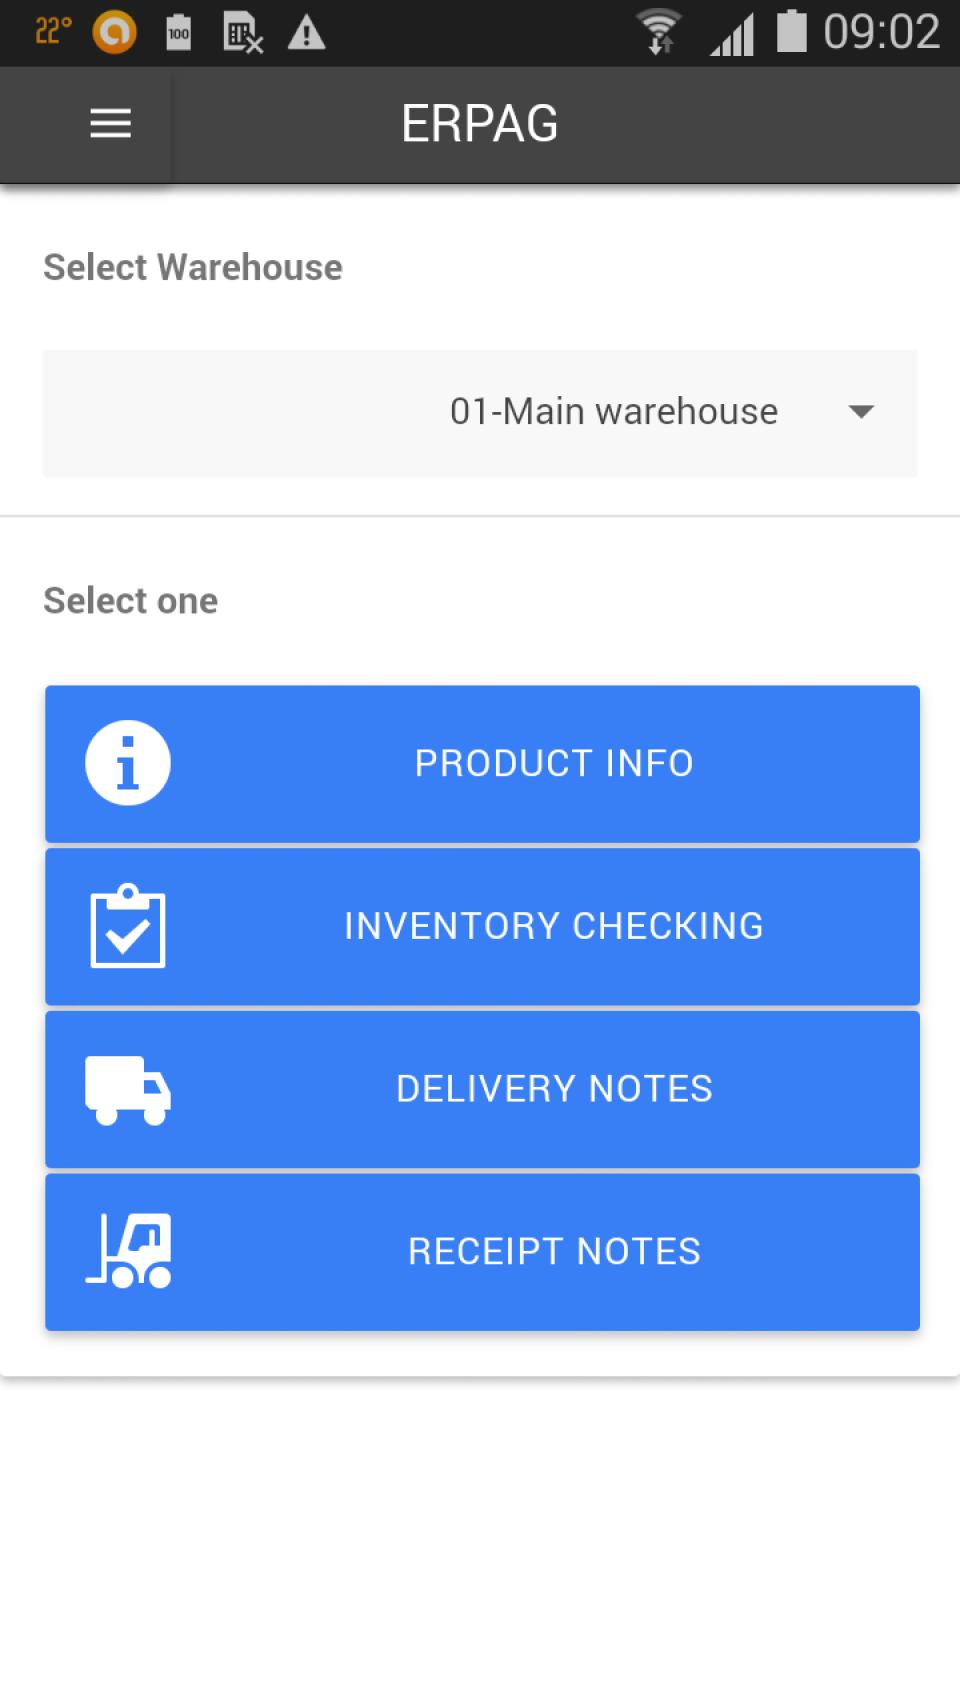 ERPAG Software - Mobile app